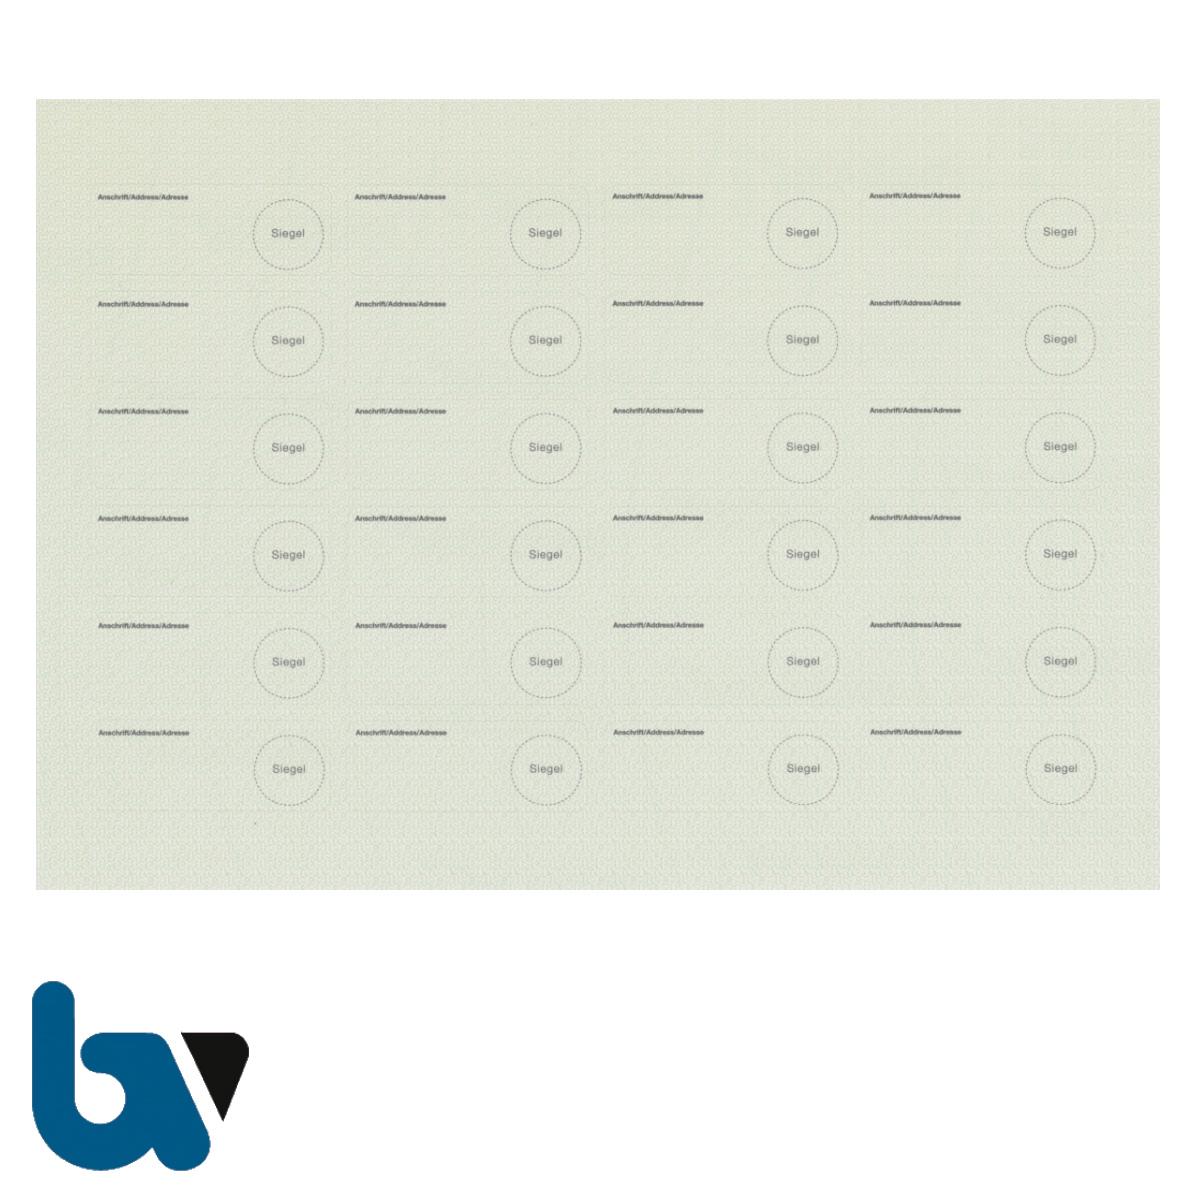 0/519-15.1 Adressaufkleber für Anschriftenänderungen Bogen 24 Stück | Borgard Verlag GmbH